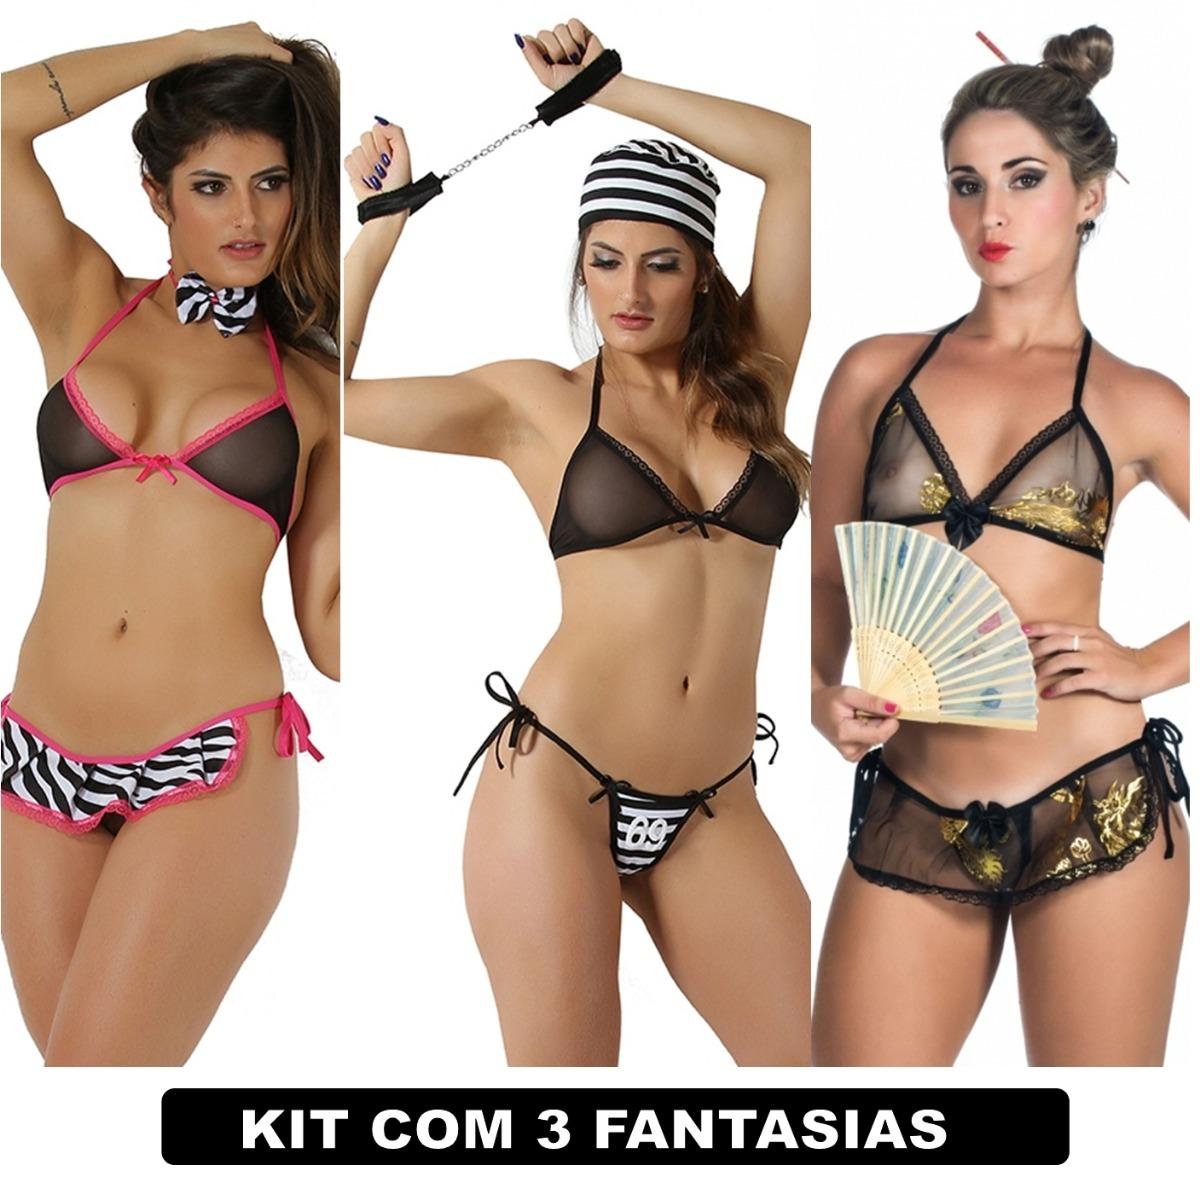 a922edf5e lingeries sex kit com 3 uni eroticas sexy fantasias barato. Carregando zoom.